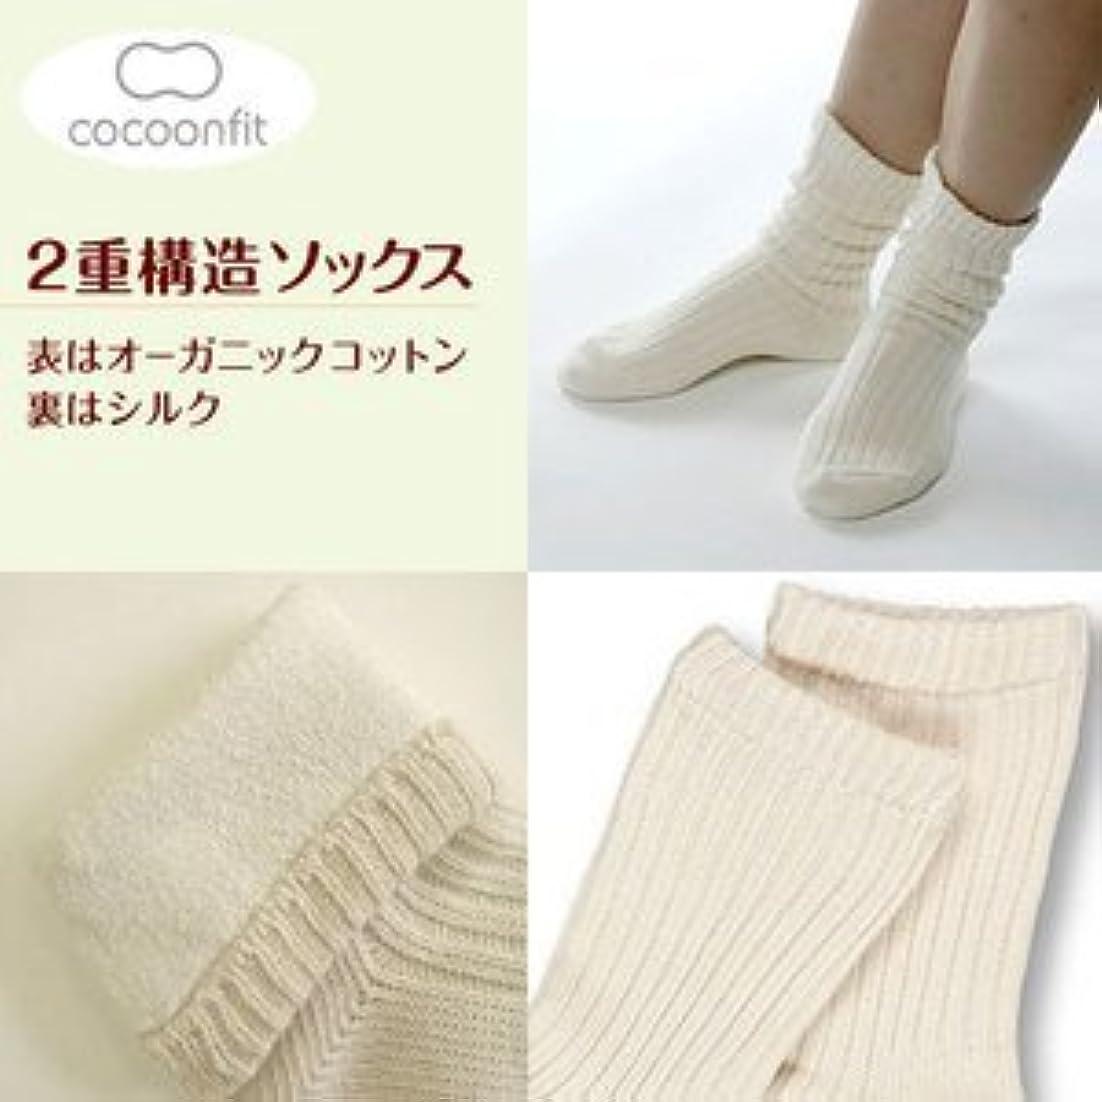 強化酔う無視するシルク 2重編みソックス (冷え取り靴下、冷えとり 靴下 シルク、重ね、二重)